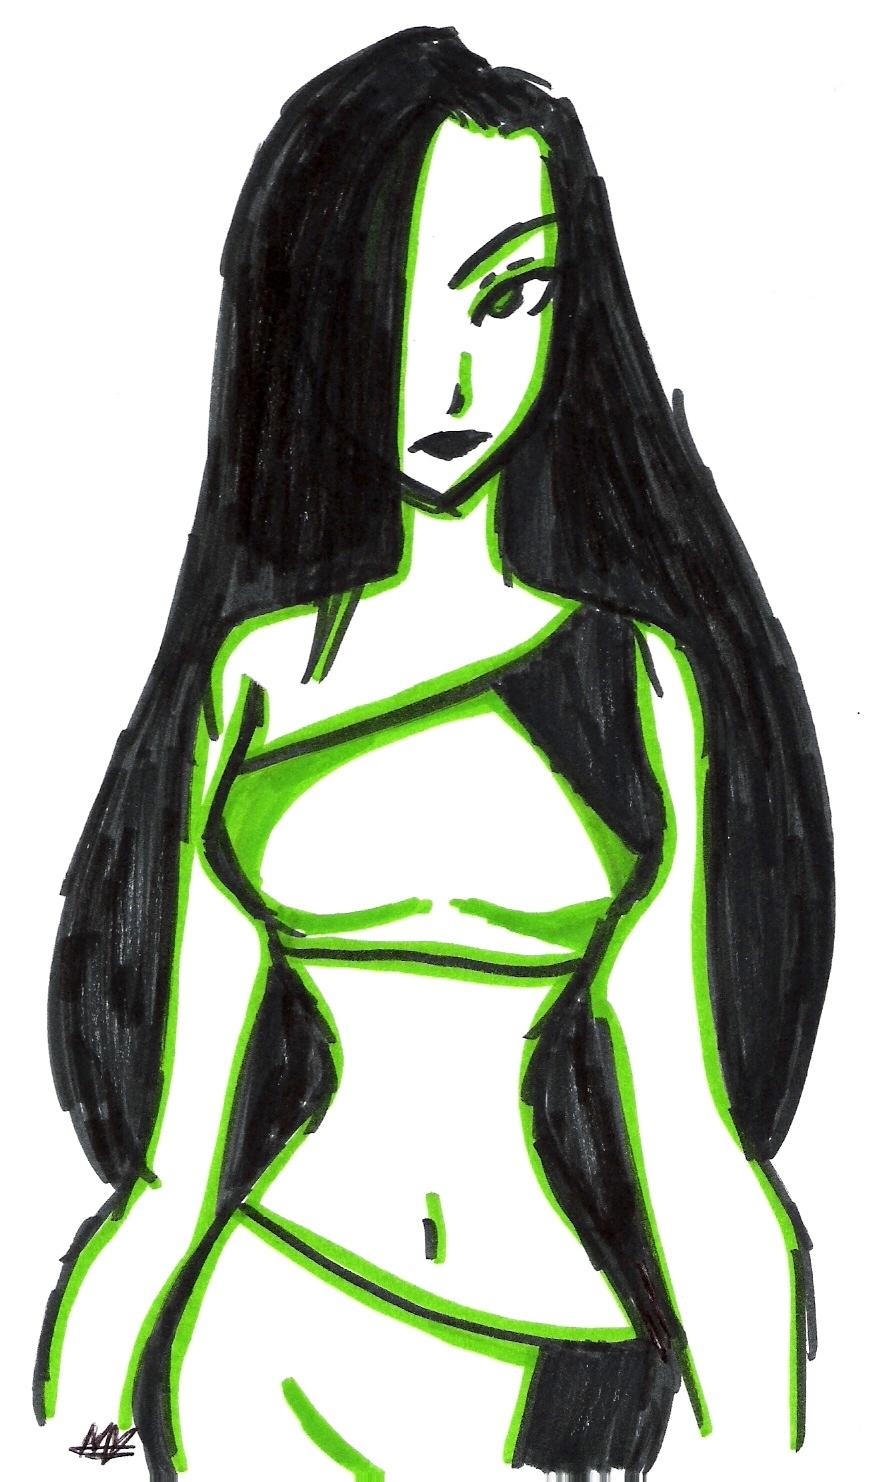 http://images2.fanpop.com/images/photos/4100000/Shego-shego-4120458-872-1482.jpg